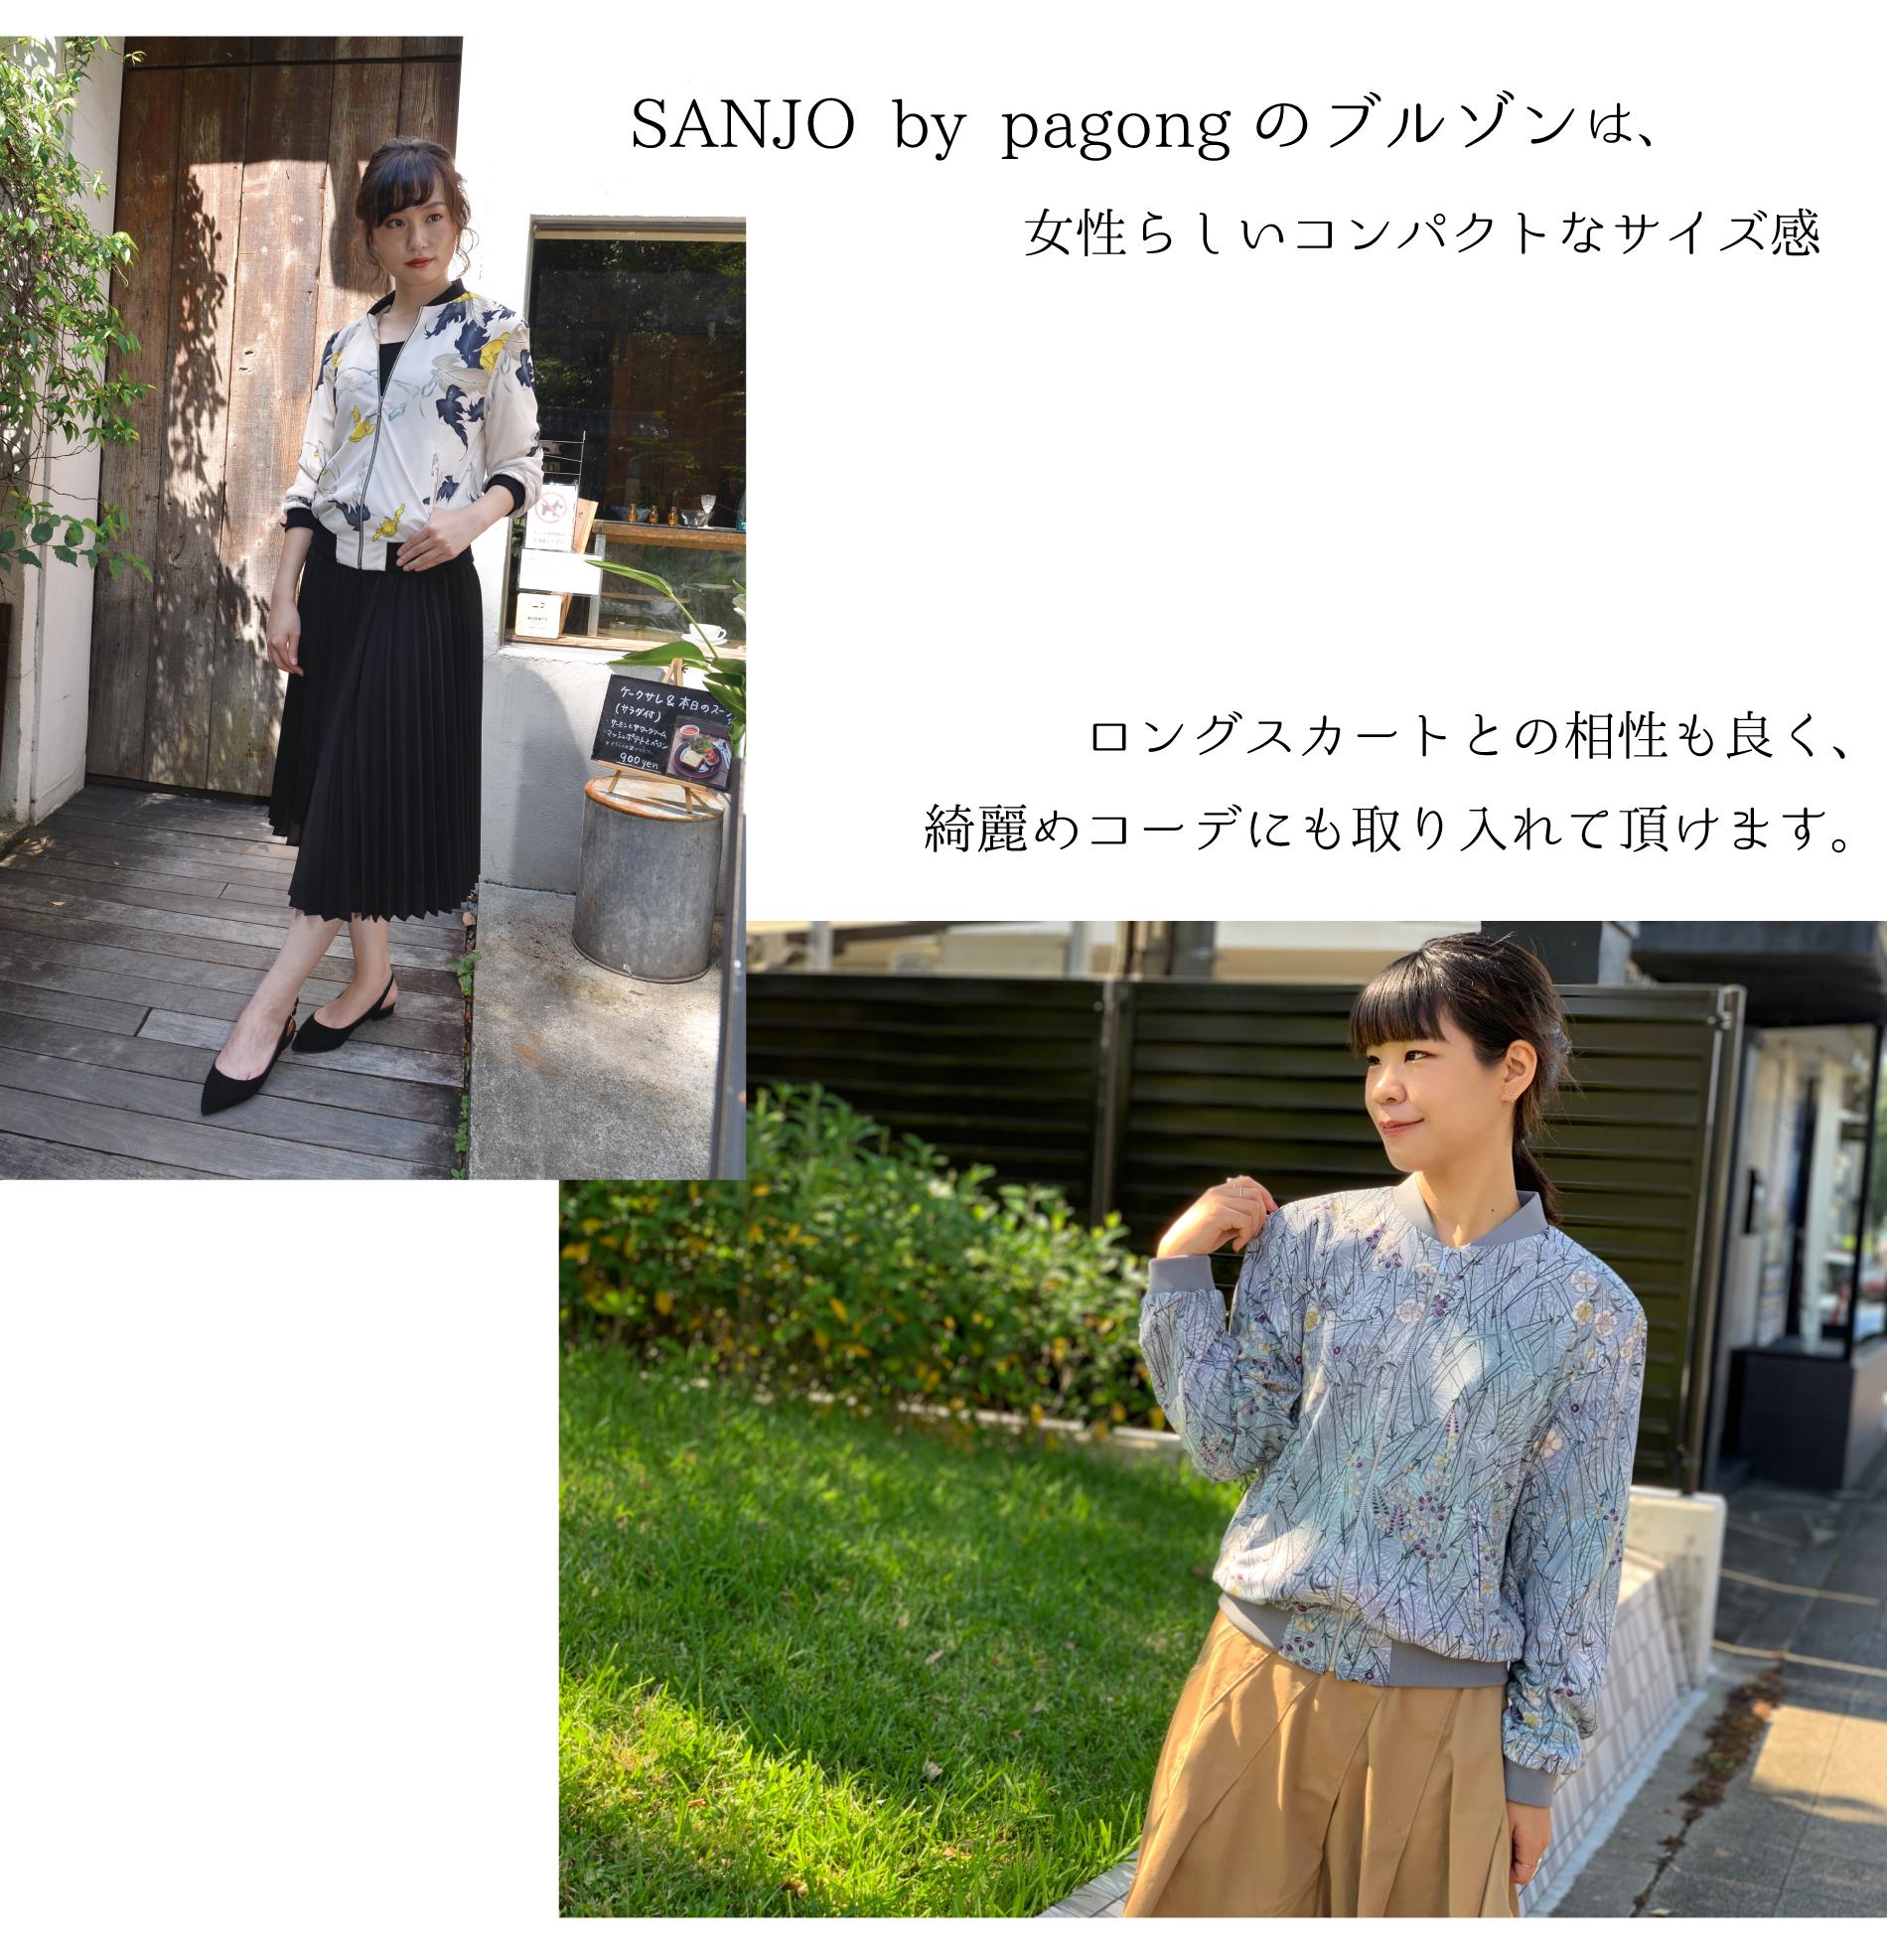 SANJO by pagong